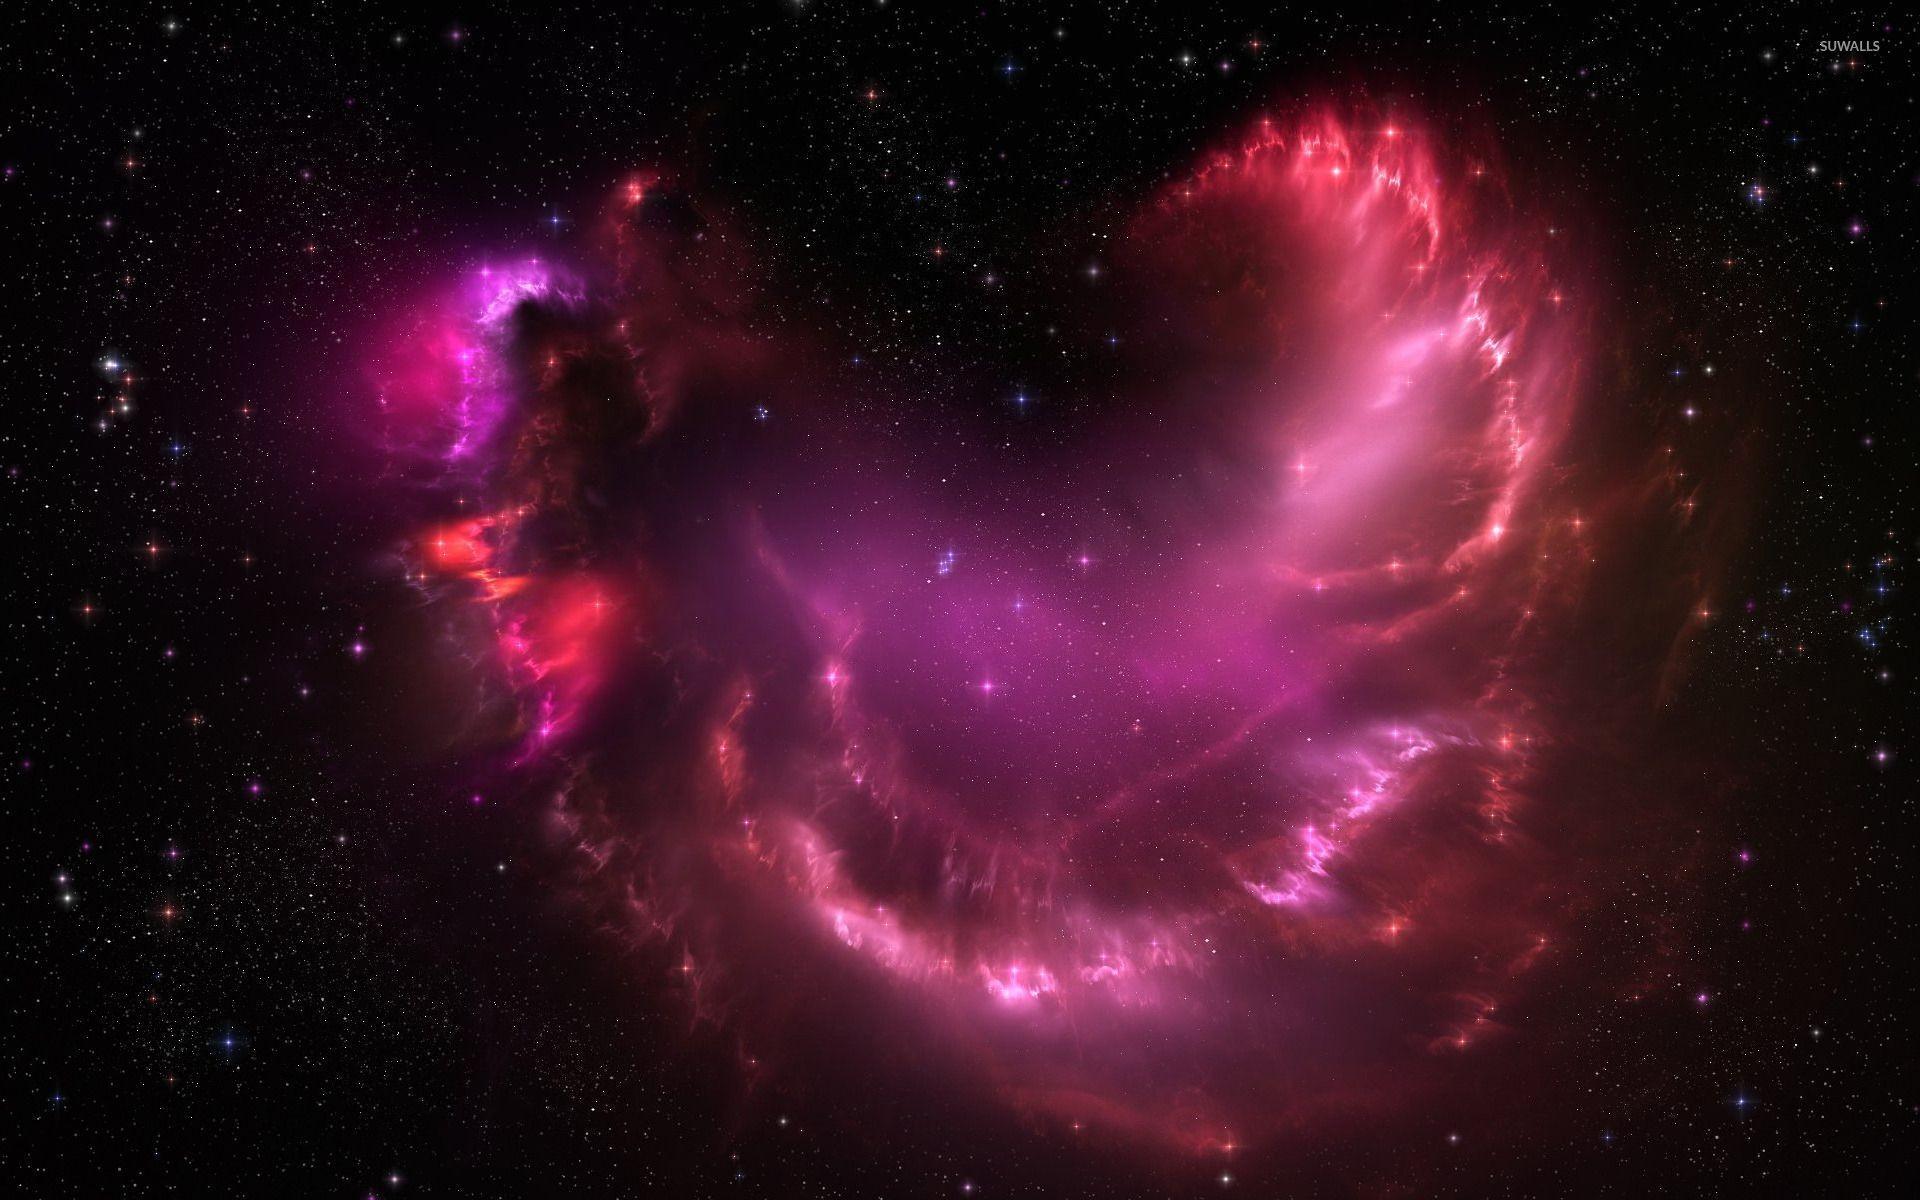 Beautiful sparkly pink nebula wallpaper